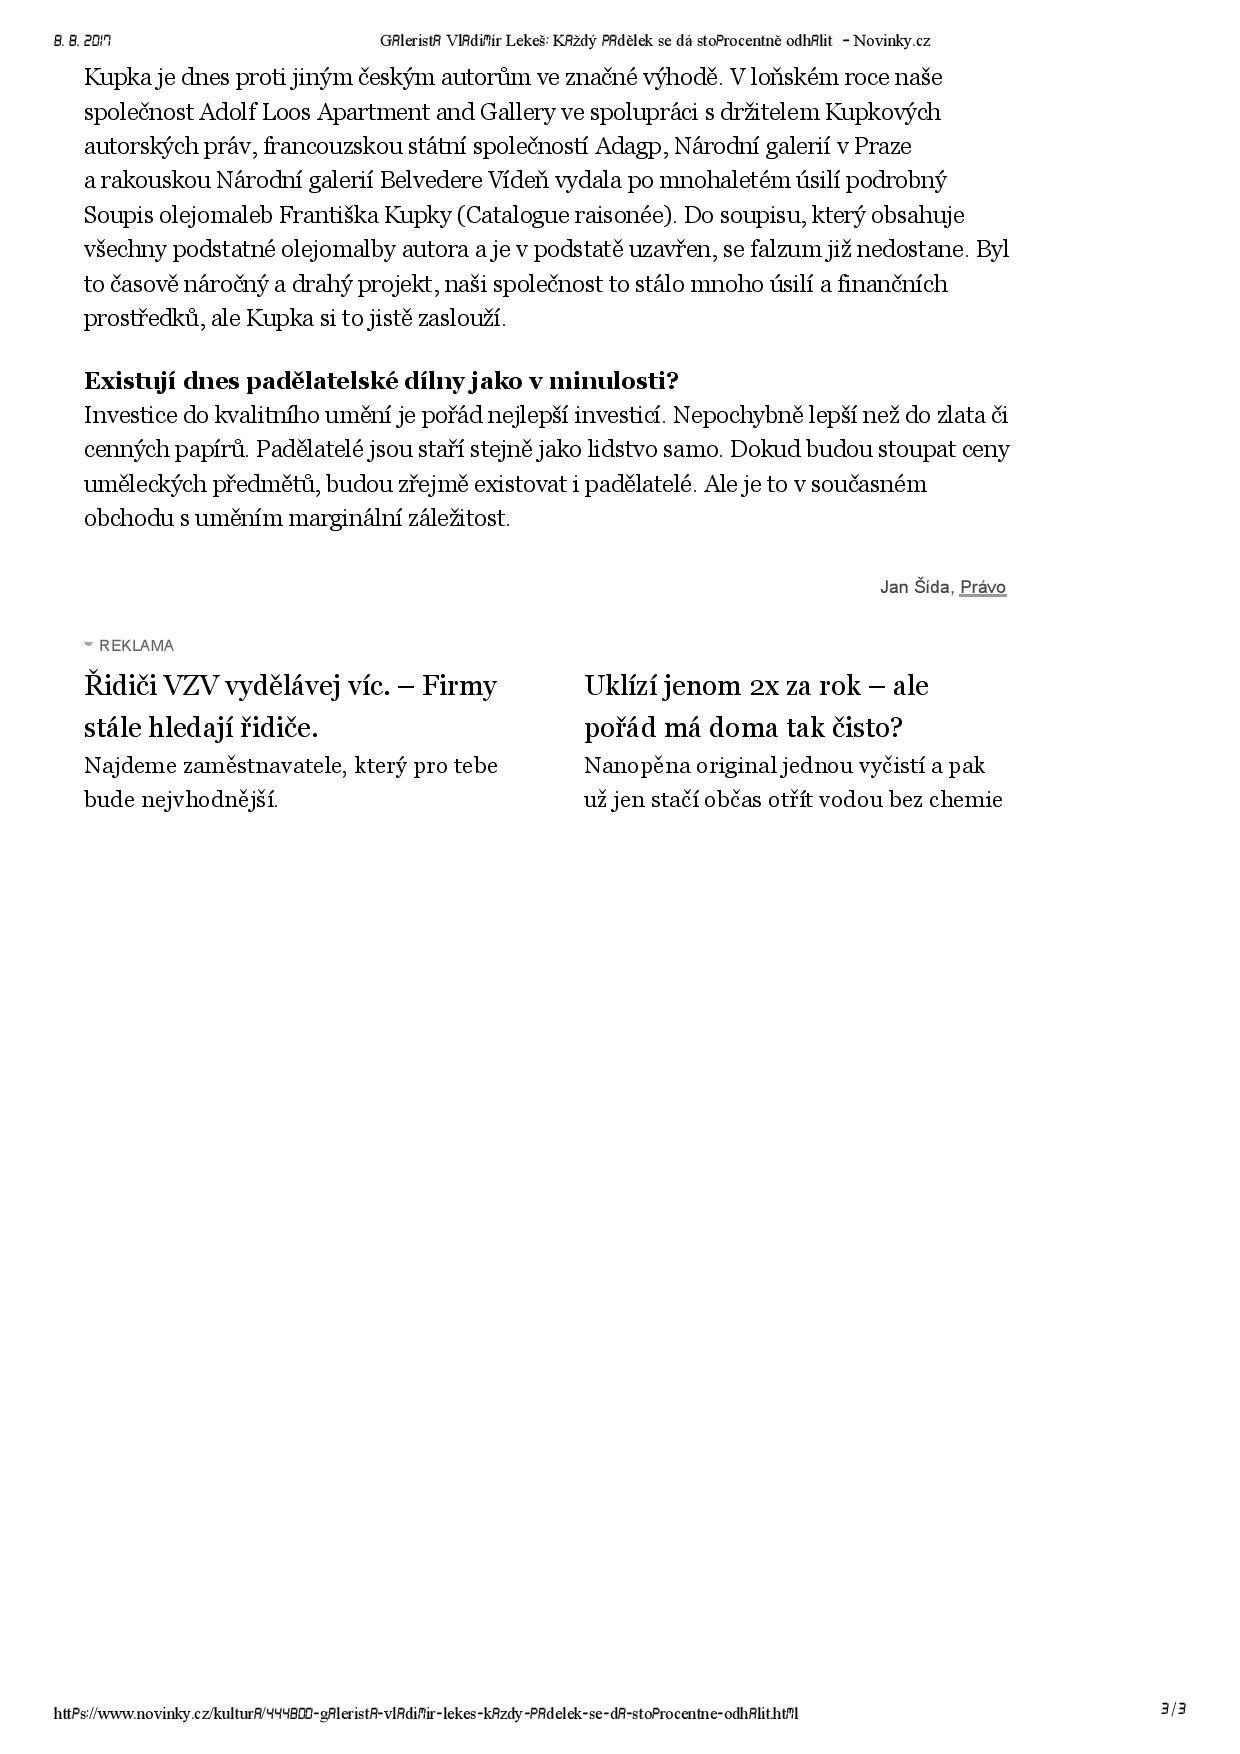 Novinky.cz, 29.7.2017, str. 3